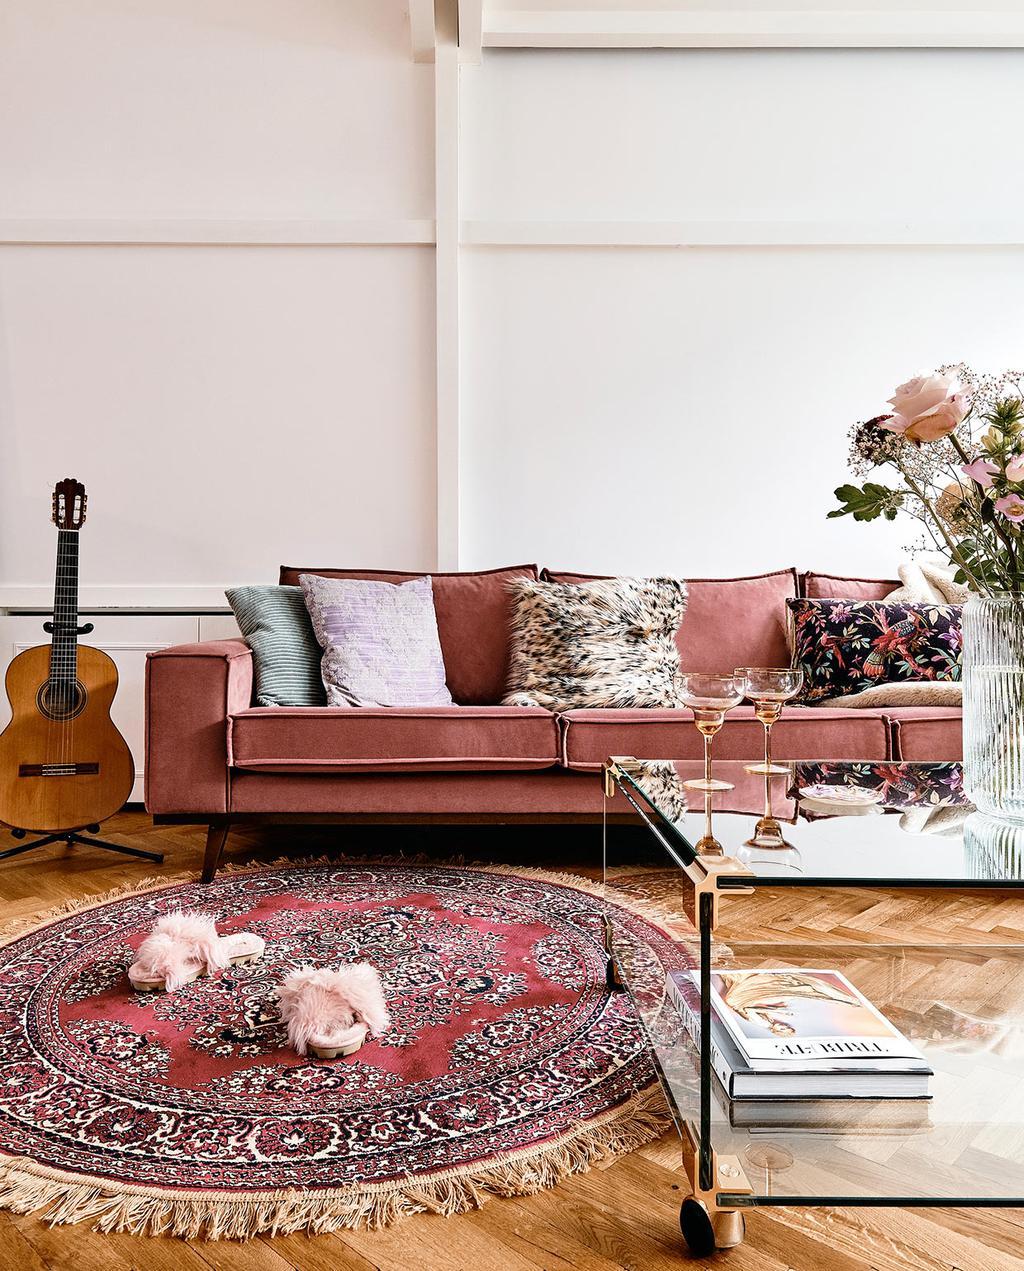 vtwonen 06-2021   rond vloerkleed met rode bank en pantoffels op de vloer, met een gitaar op de achtergrond